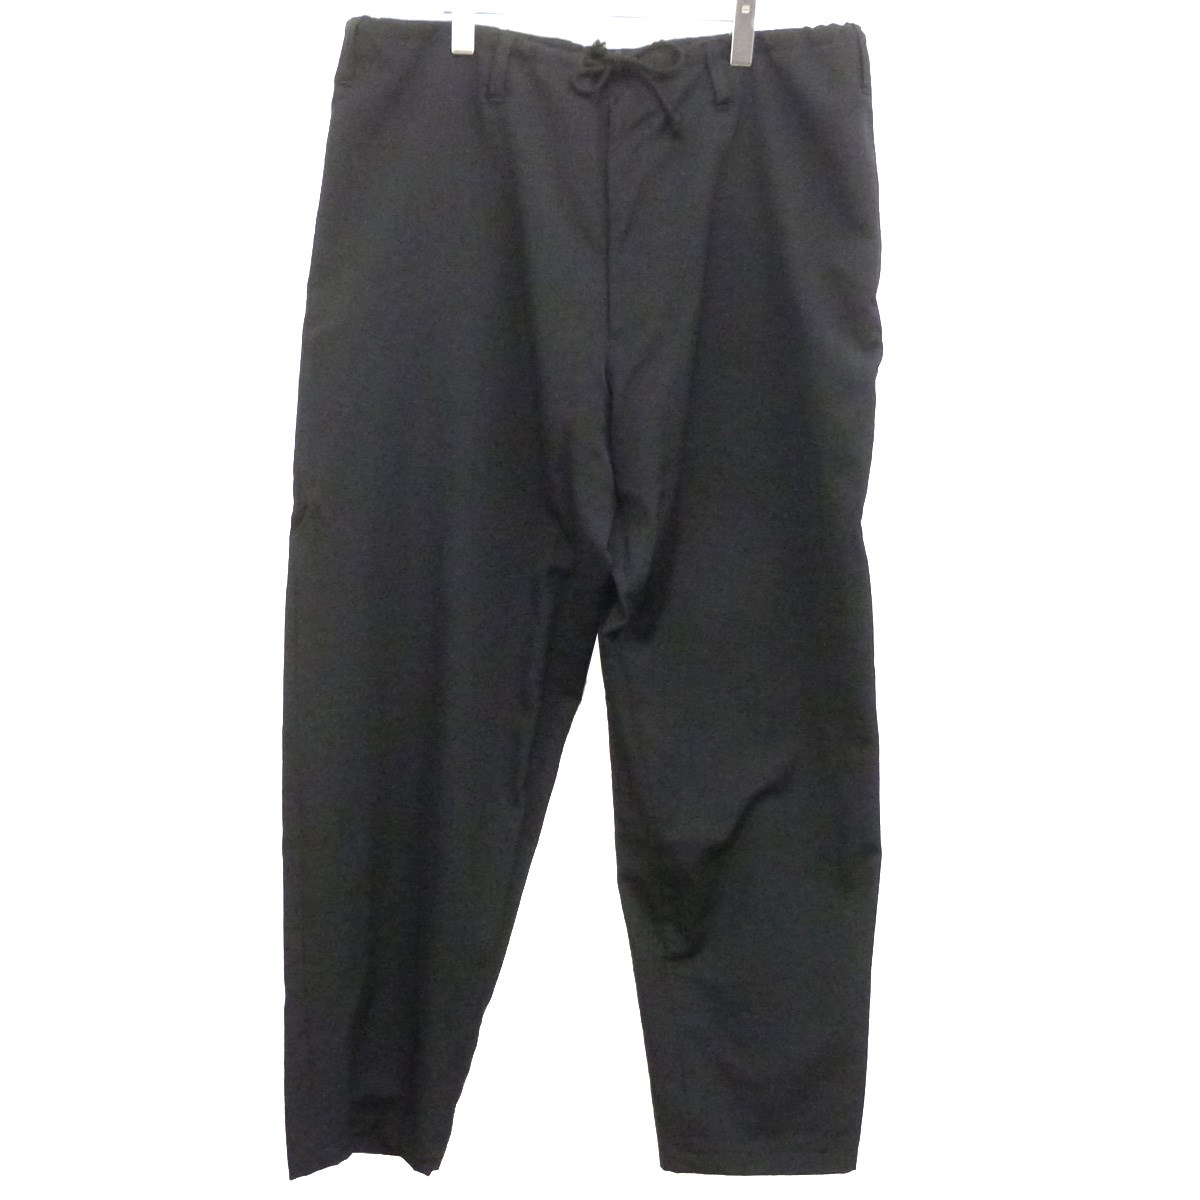 【中古】YOHJI YAMAMOTO pour homme 18AWウールギャバワイドパンツ ブラック サイズ:3 【100819】(ヨウジヤマモトプールオム)